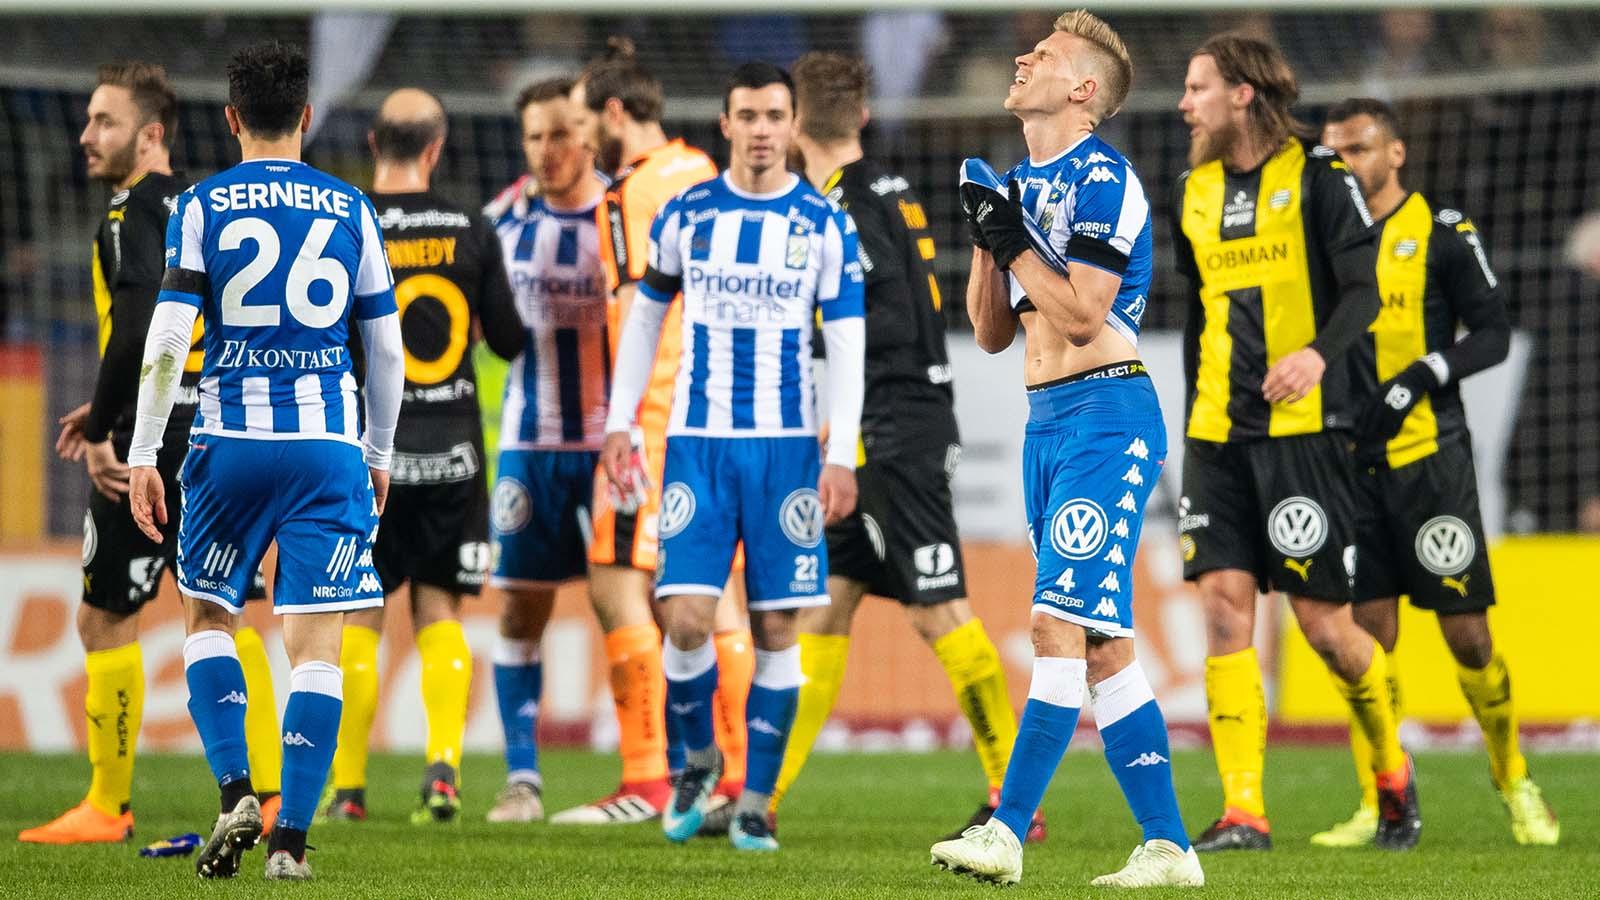 180410 IFK Göteborgs Carl Starfelt deppar efter förlusten i fotbollsmatchen i Allsvenskan mellan IFK Göteborg och Hammarby den 10 april 2018 i Göteborg. Foto: Carl Sandin / BILDBYRÅN / kod CS /